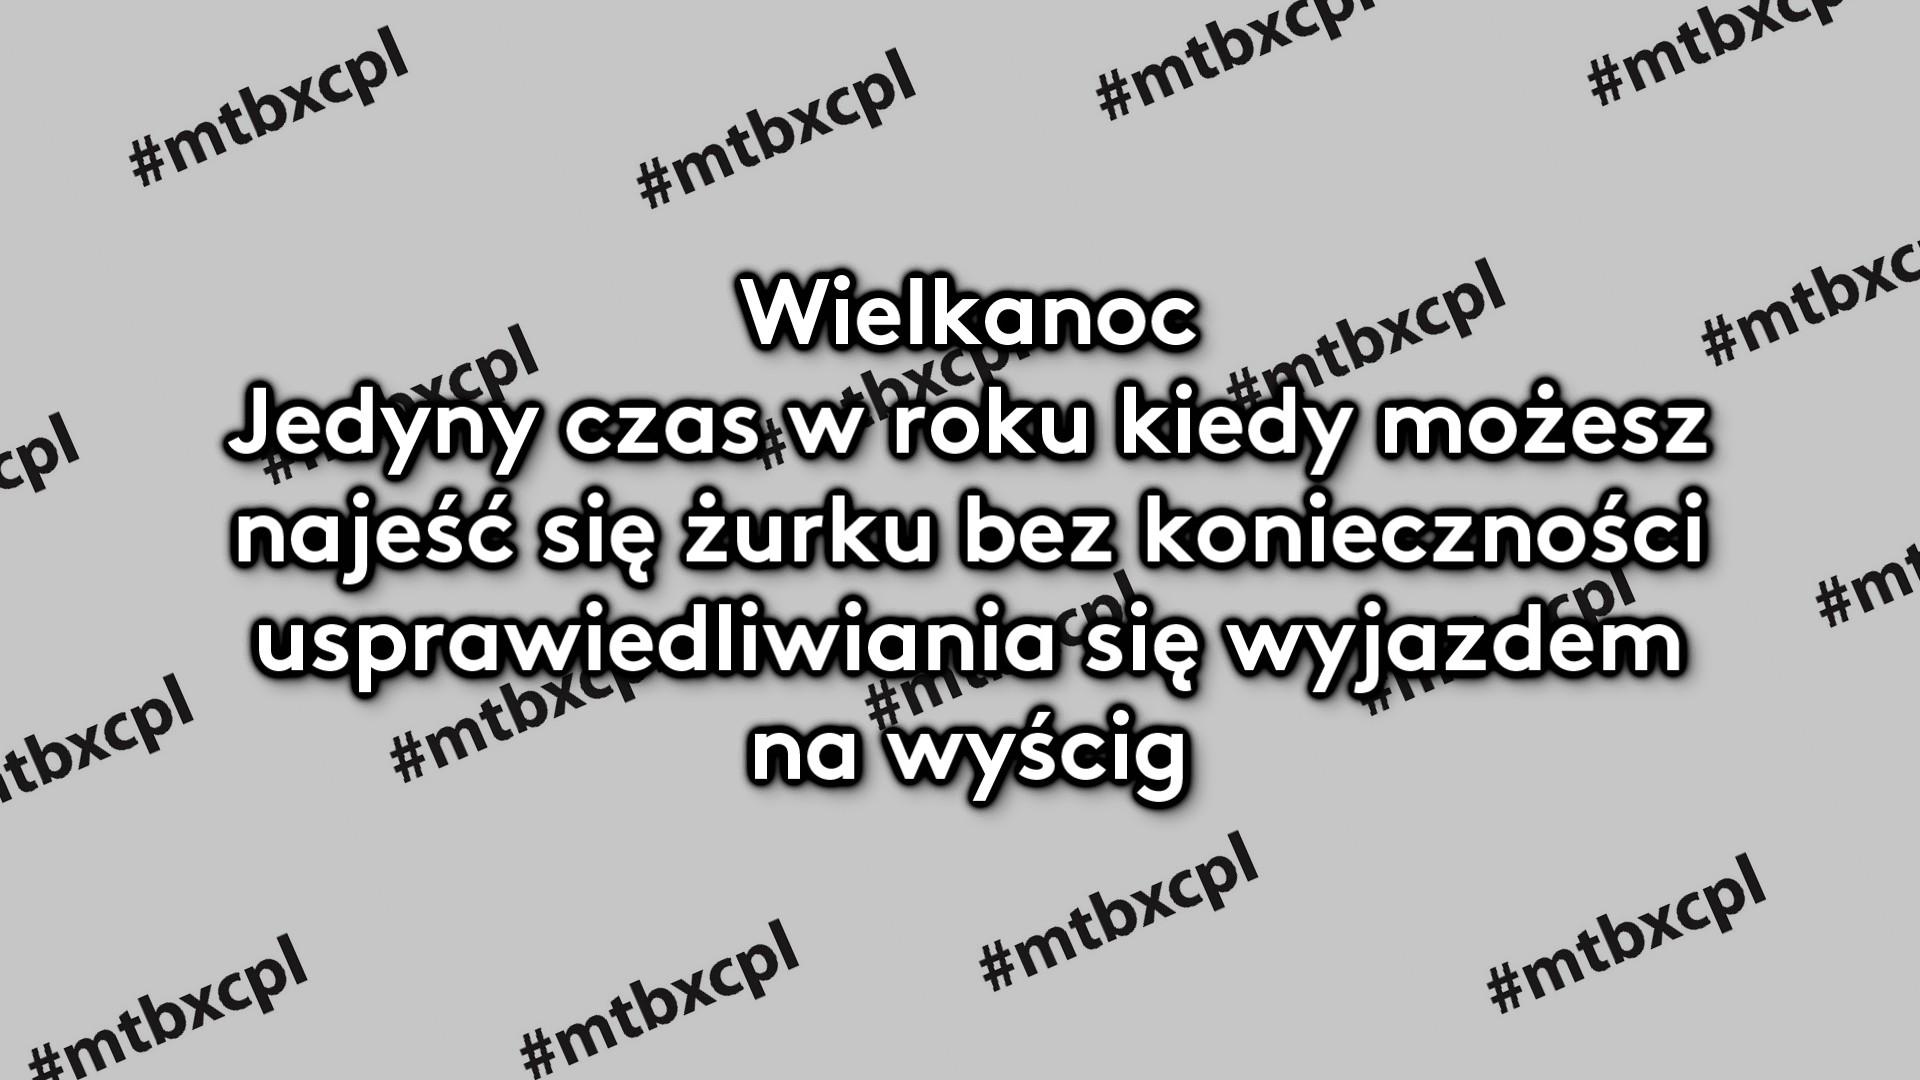 tekst mtbxcpl_000004